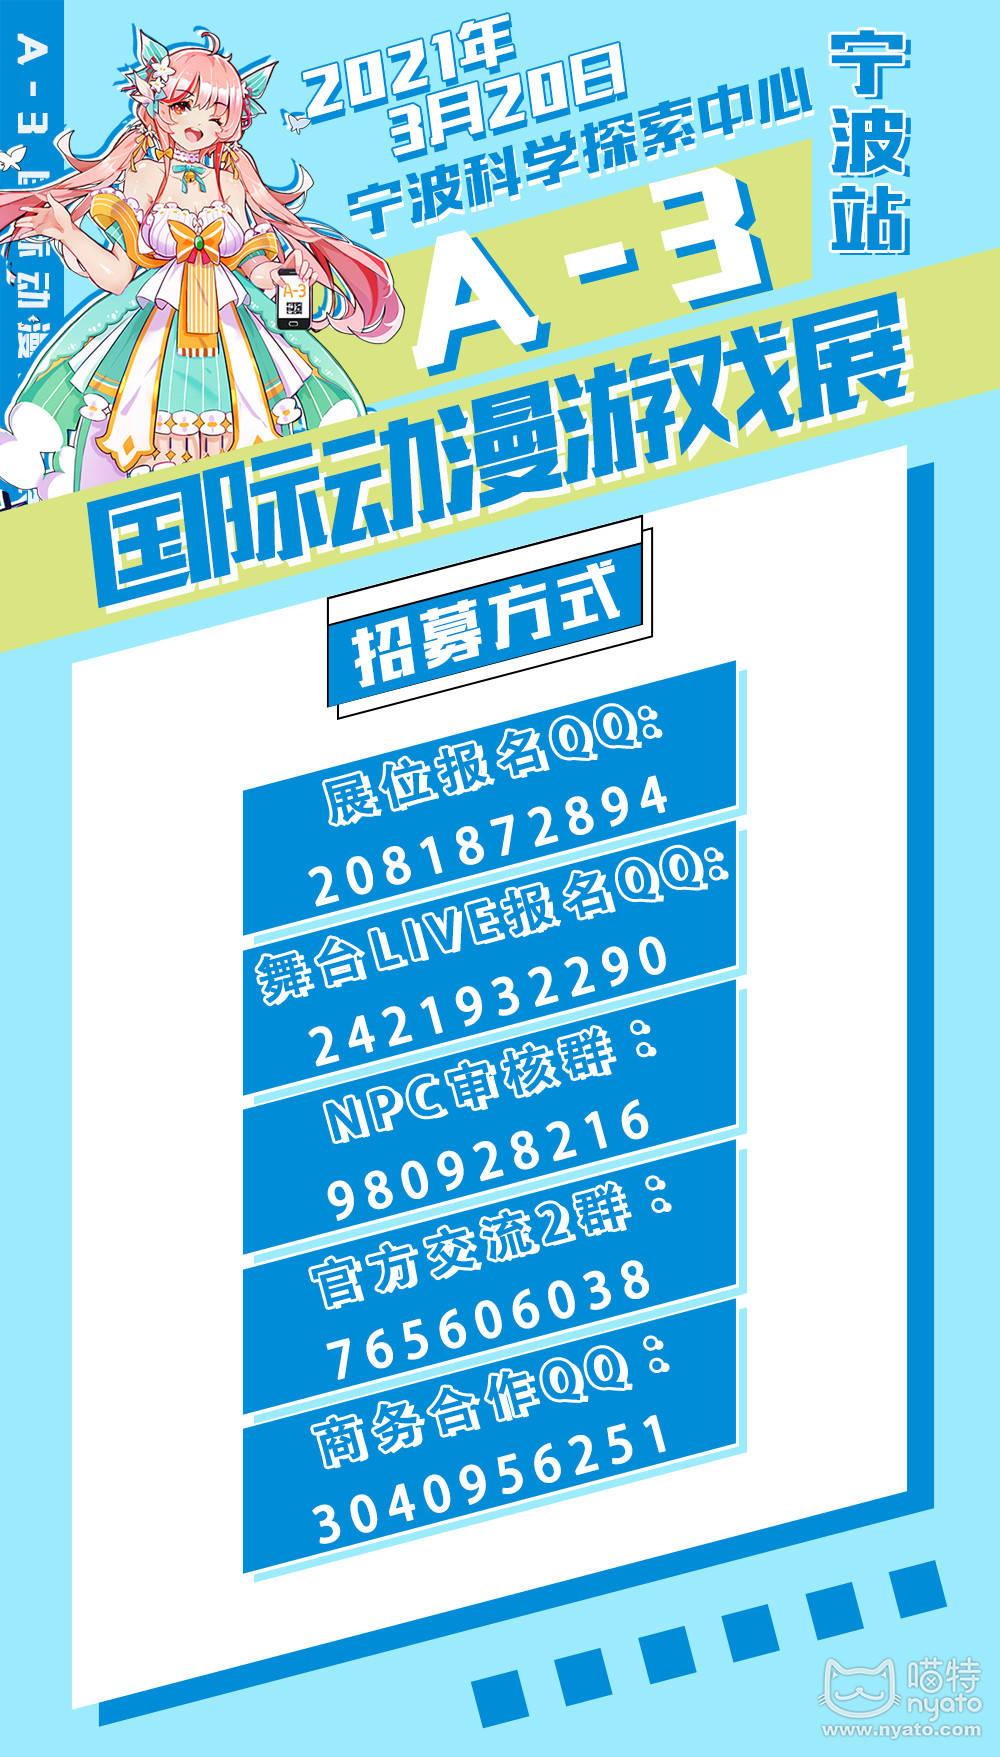 宁波交流群.jpg